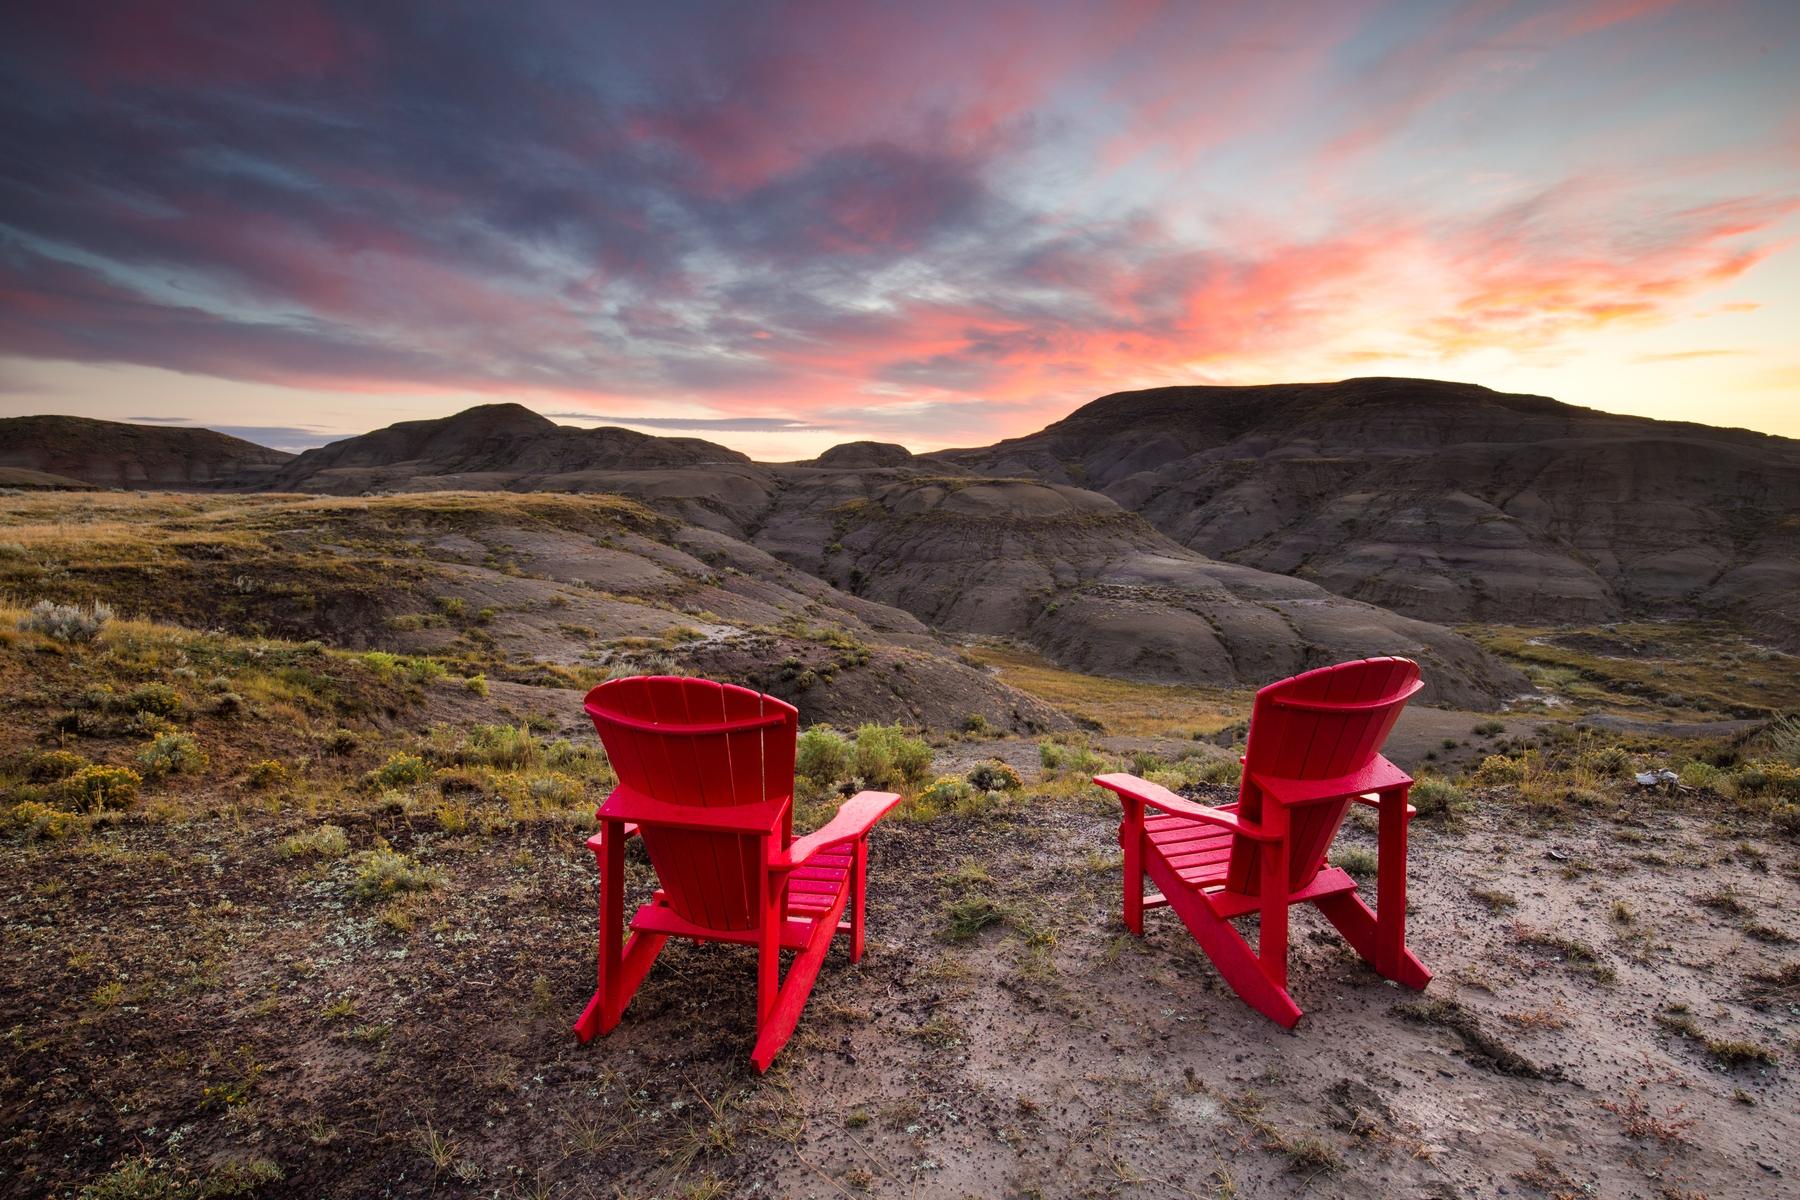 Valley of 1000 Devils, Grasslands National Park, Canada